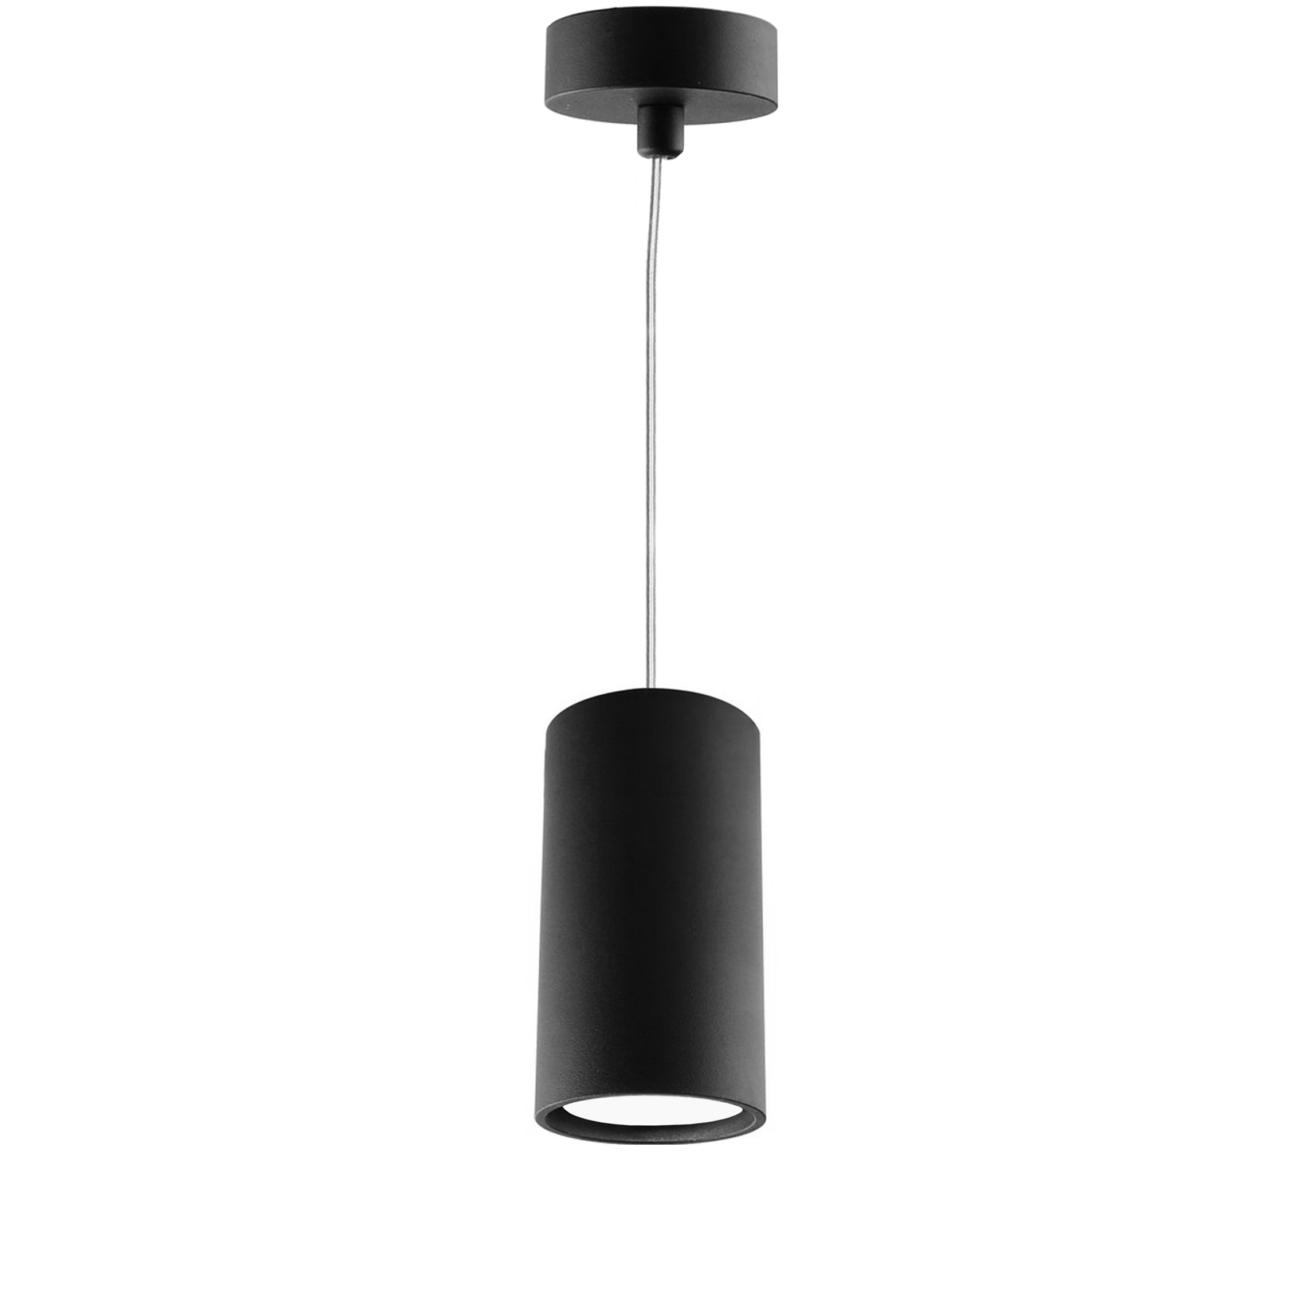 Светильник Stick 80-200мм. 4000К/3000К. 11W купить во Владимире